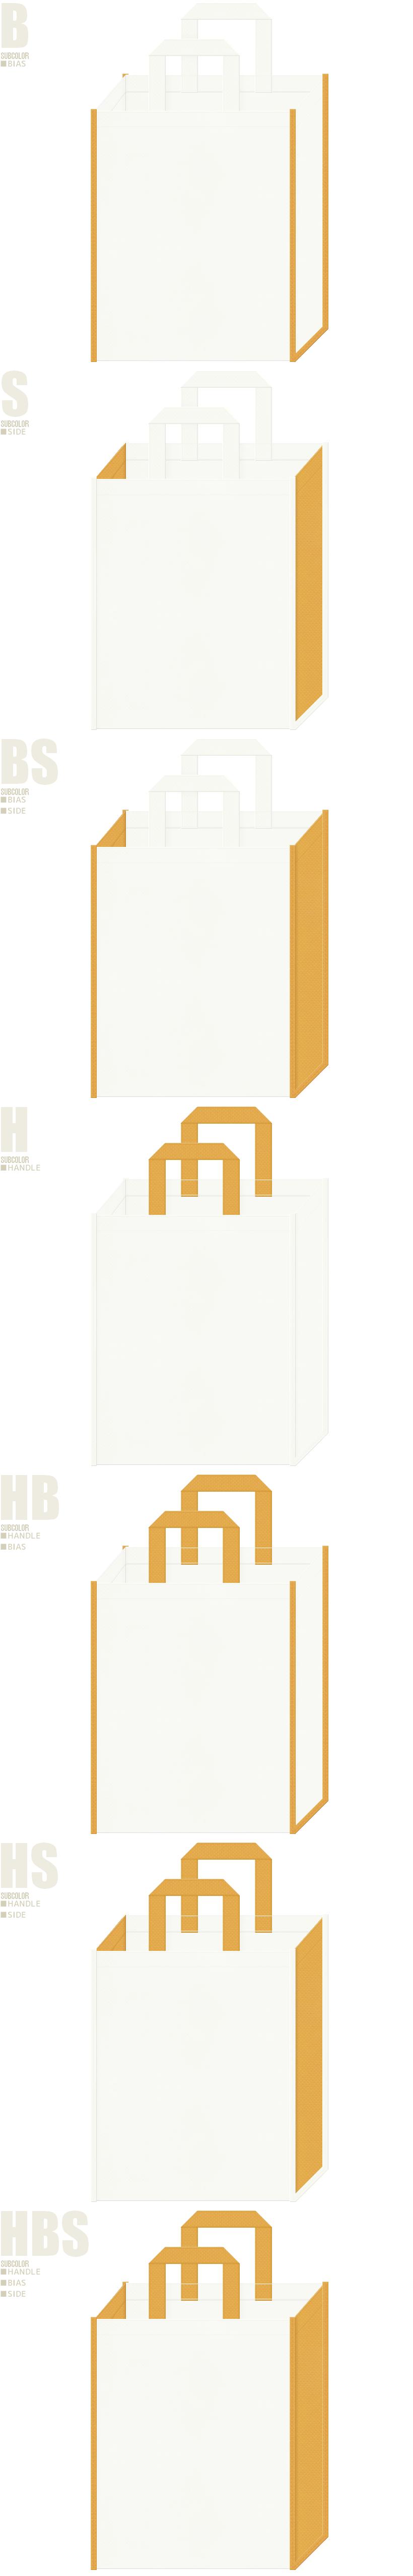 オフホワイト色と黄土色、7パターンの不織布トートバッグ配色デザイン例。ガーリーファッションの展示会用バッグにお奨めです。